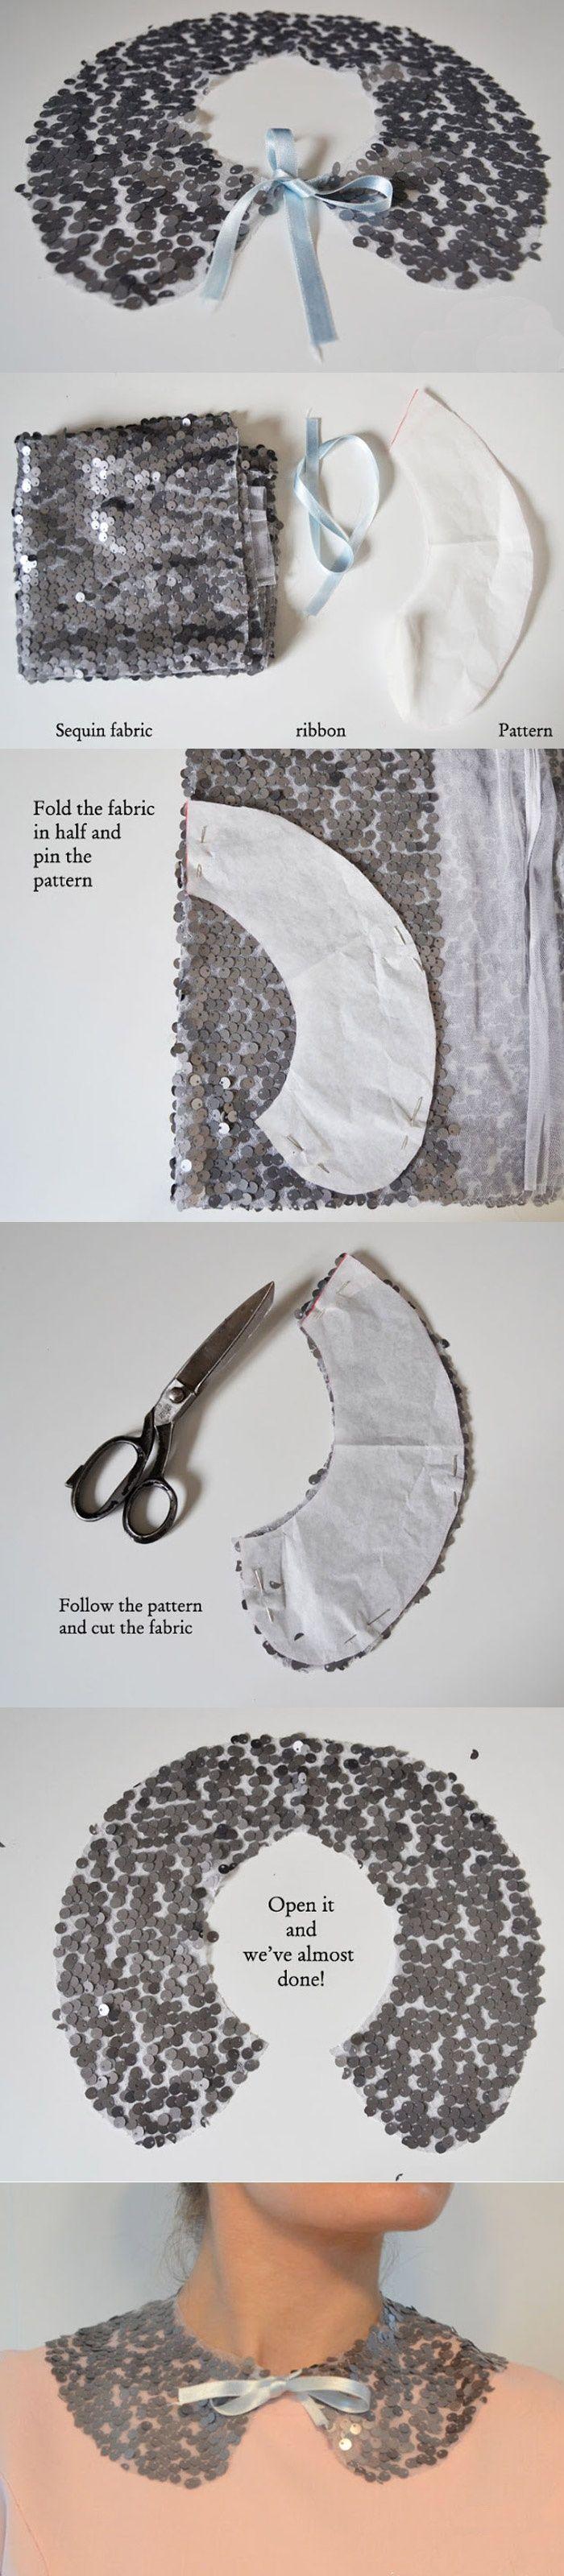 DIY – Peter Pan collar necklace | DiyReal.com